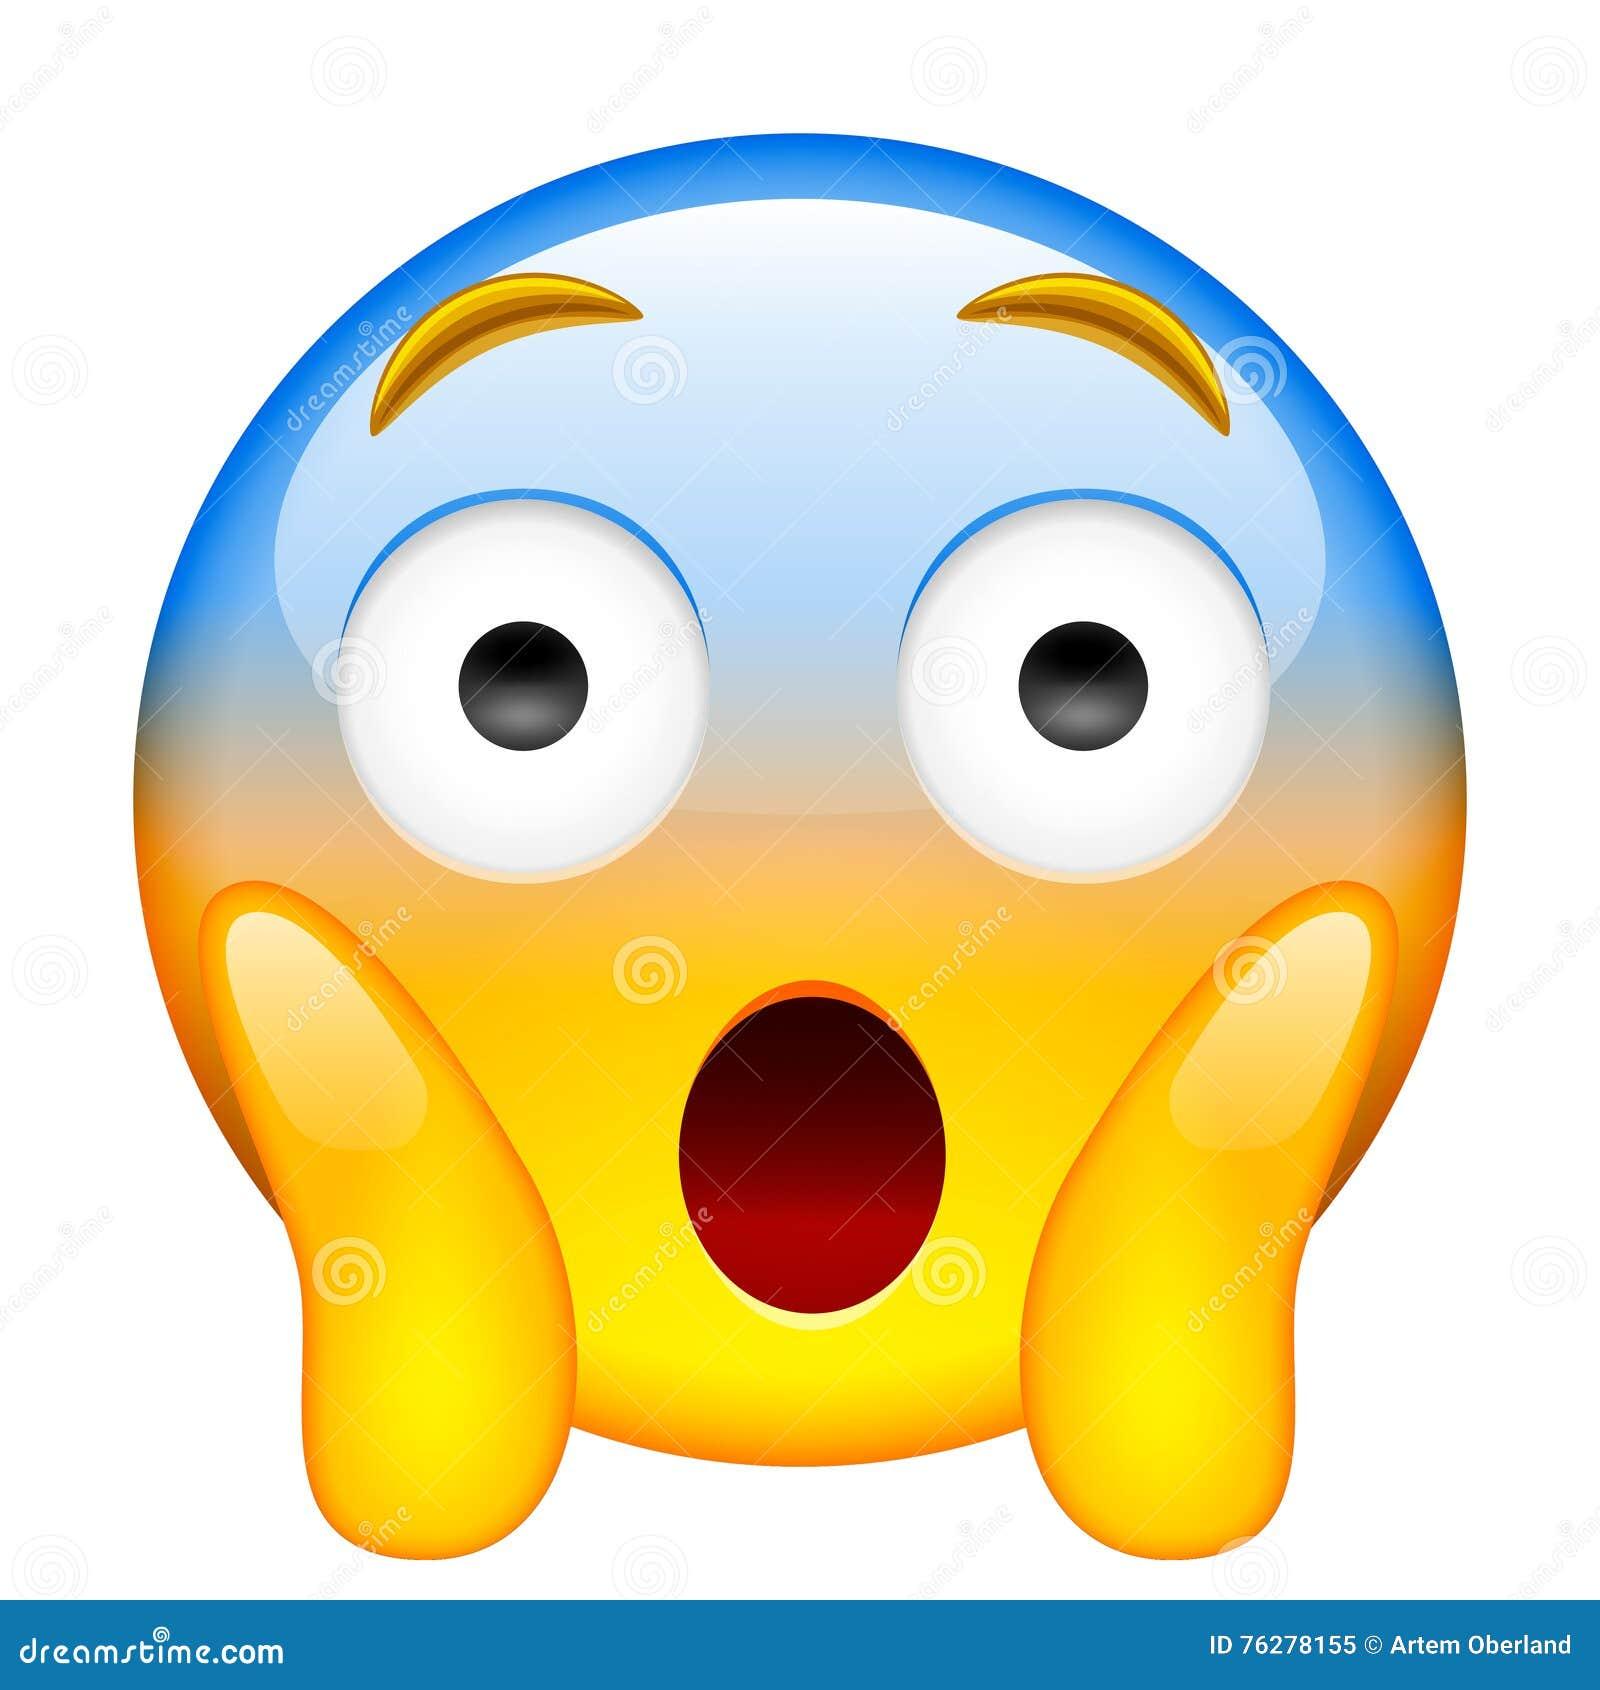 Face Screaming In Fear Screaming In Fear Emoji Stock Illustration